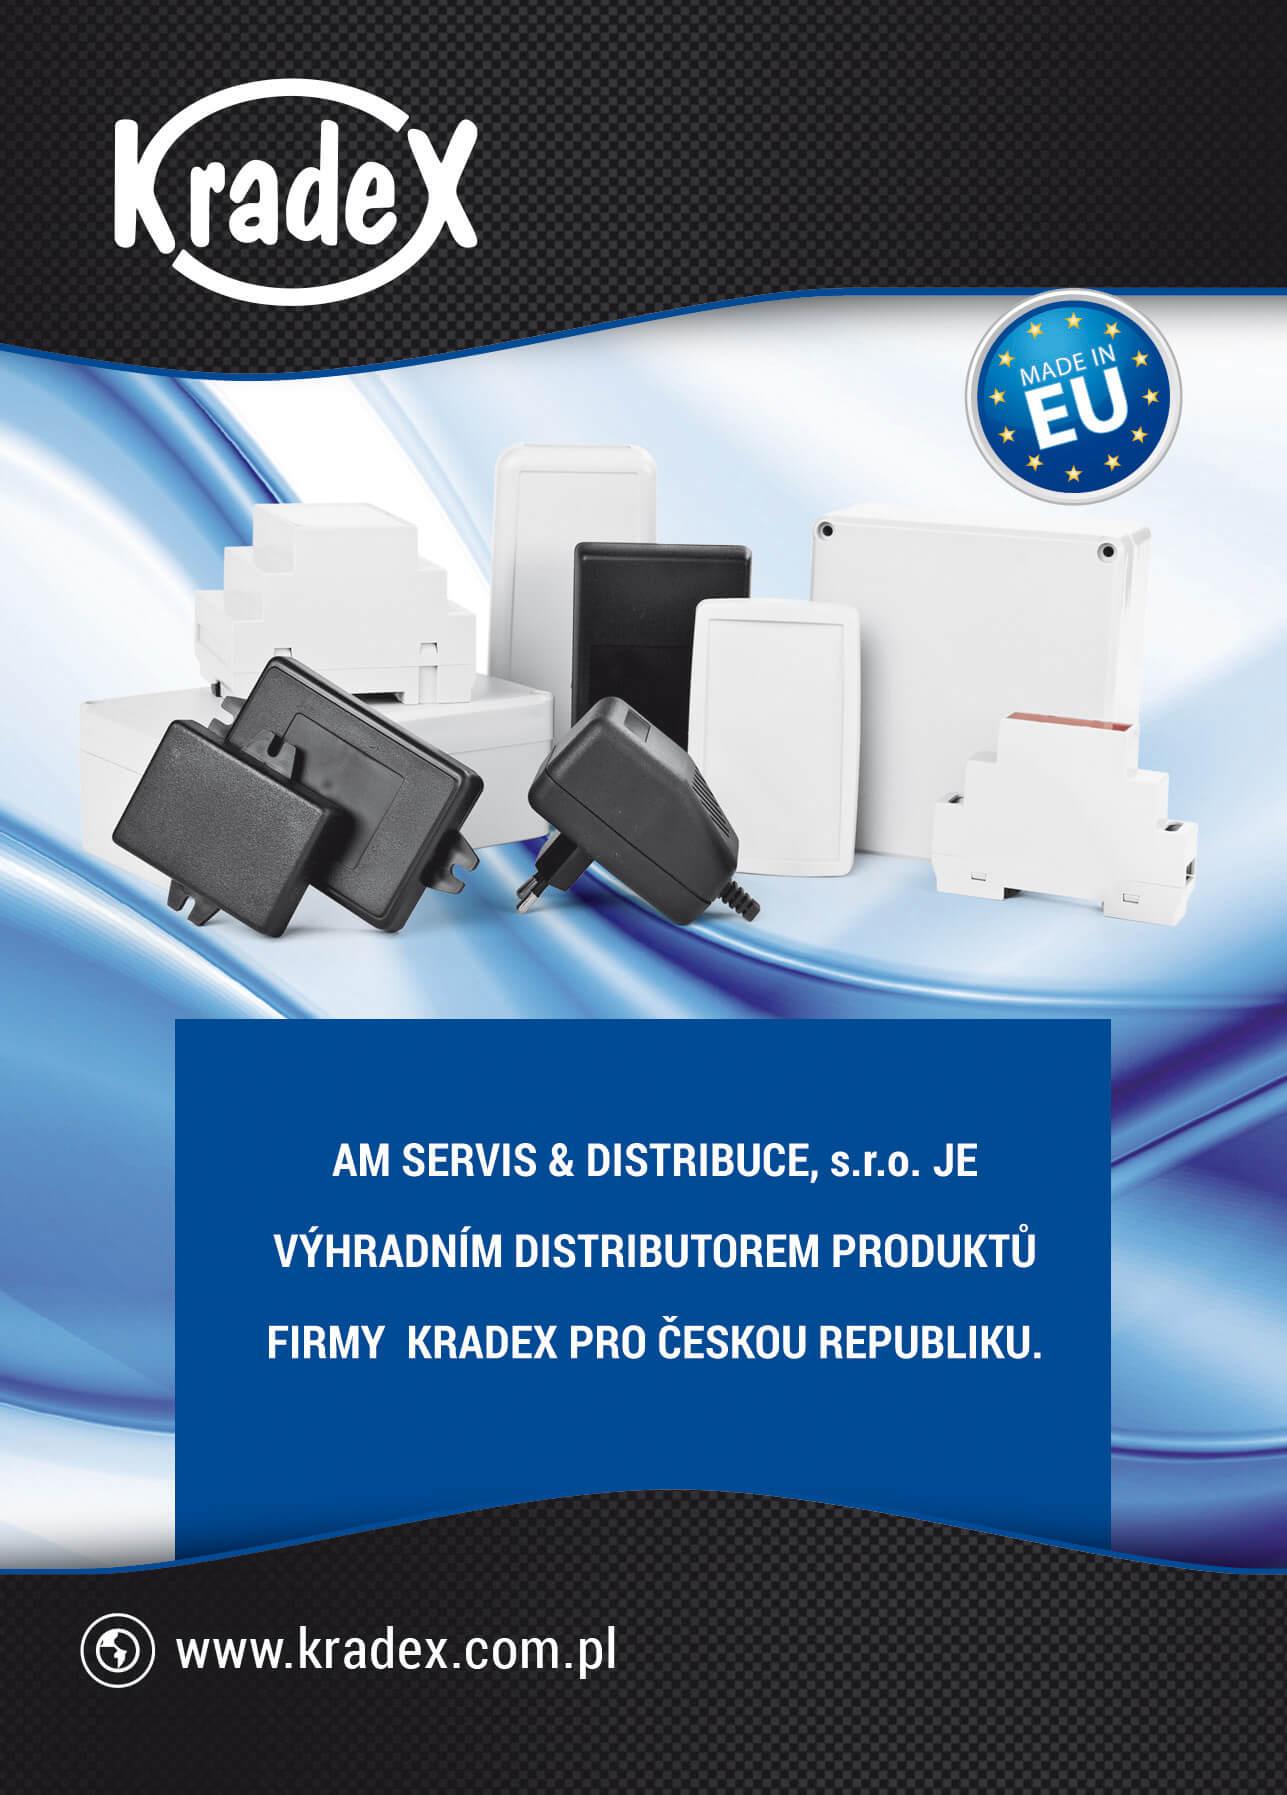 Jsme výhradním distributorem krabiček pro elektroniku Kradex v ČR